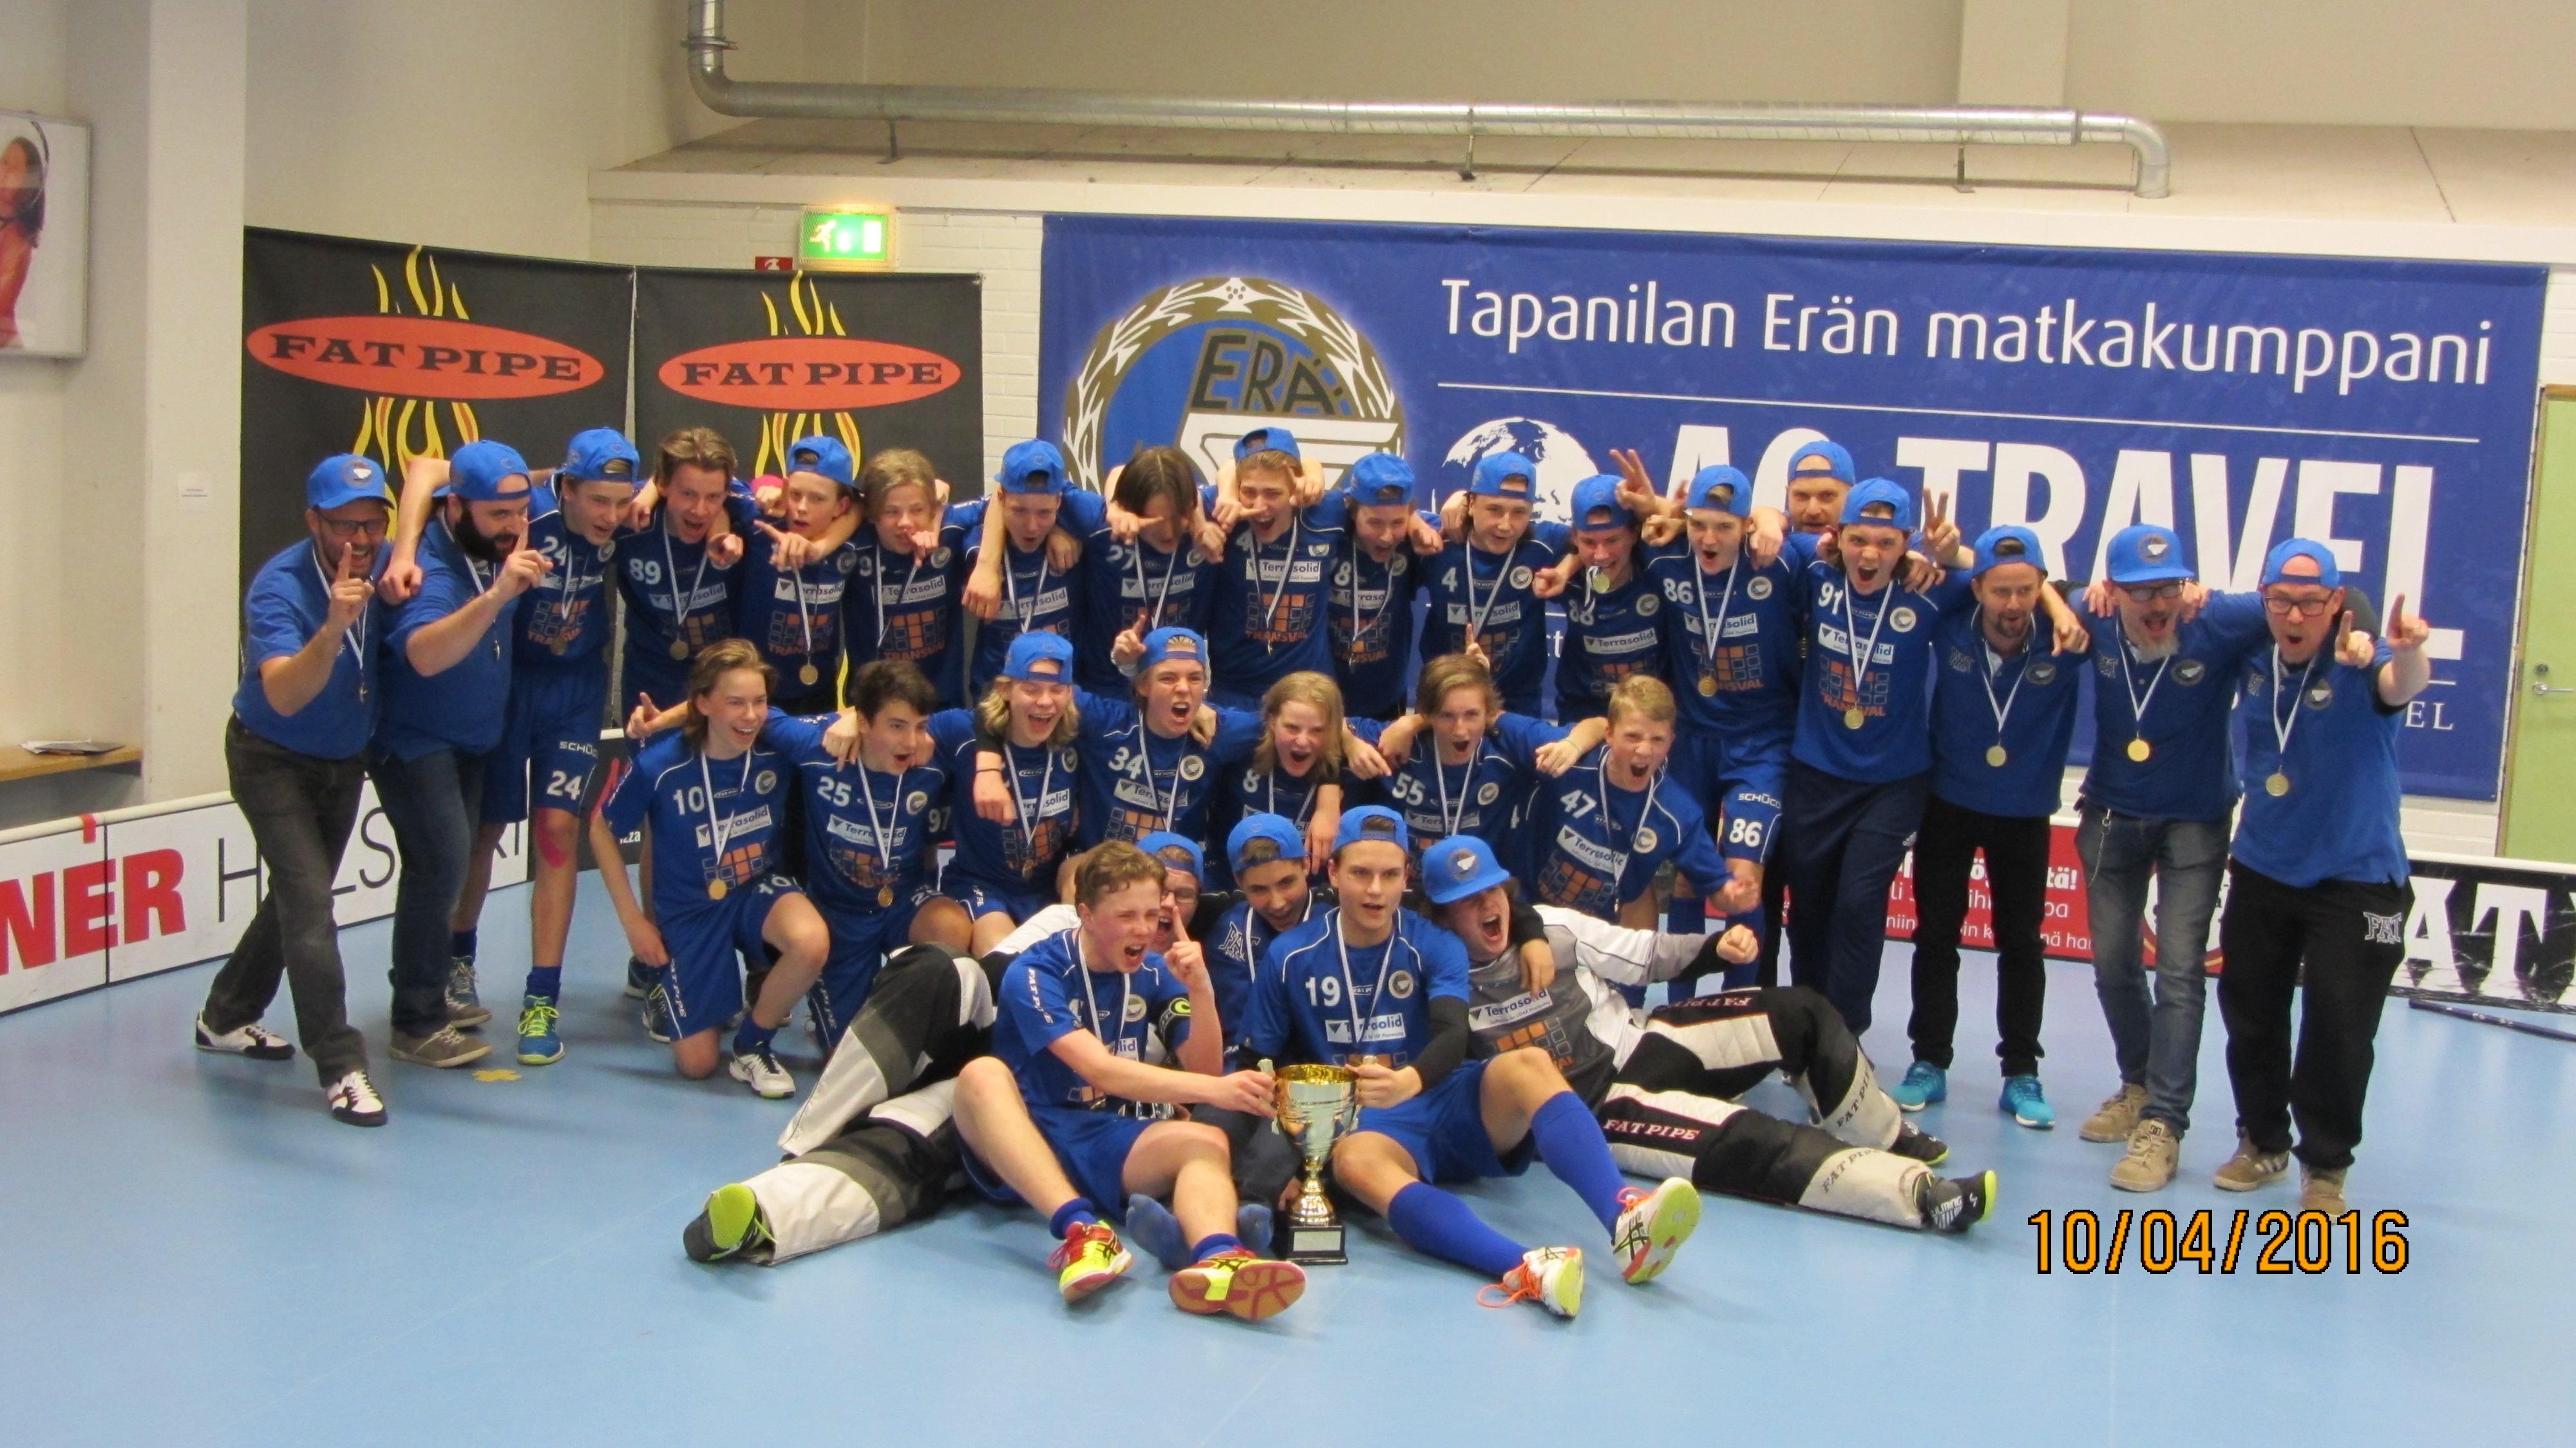 C2-poikien mestari: Tapanilan Erä. Kuva: Marika Kuivamäki